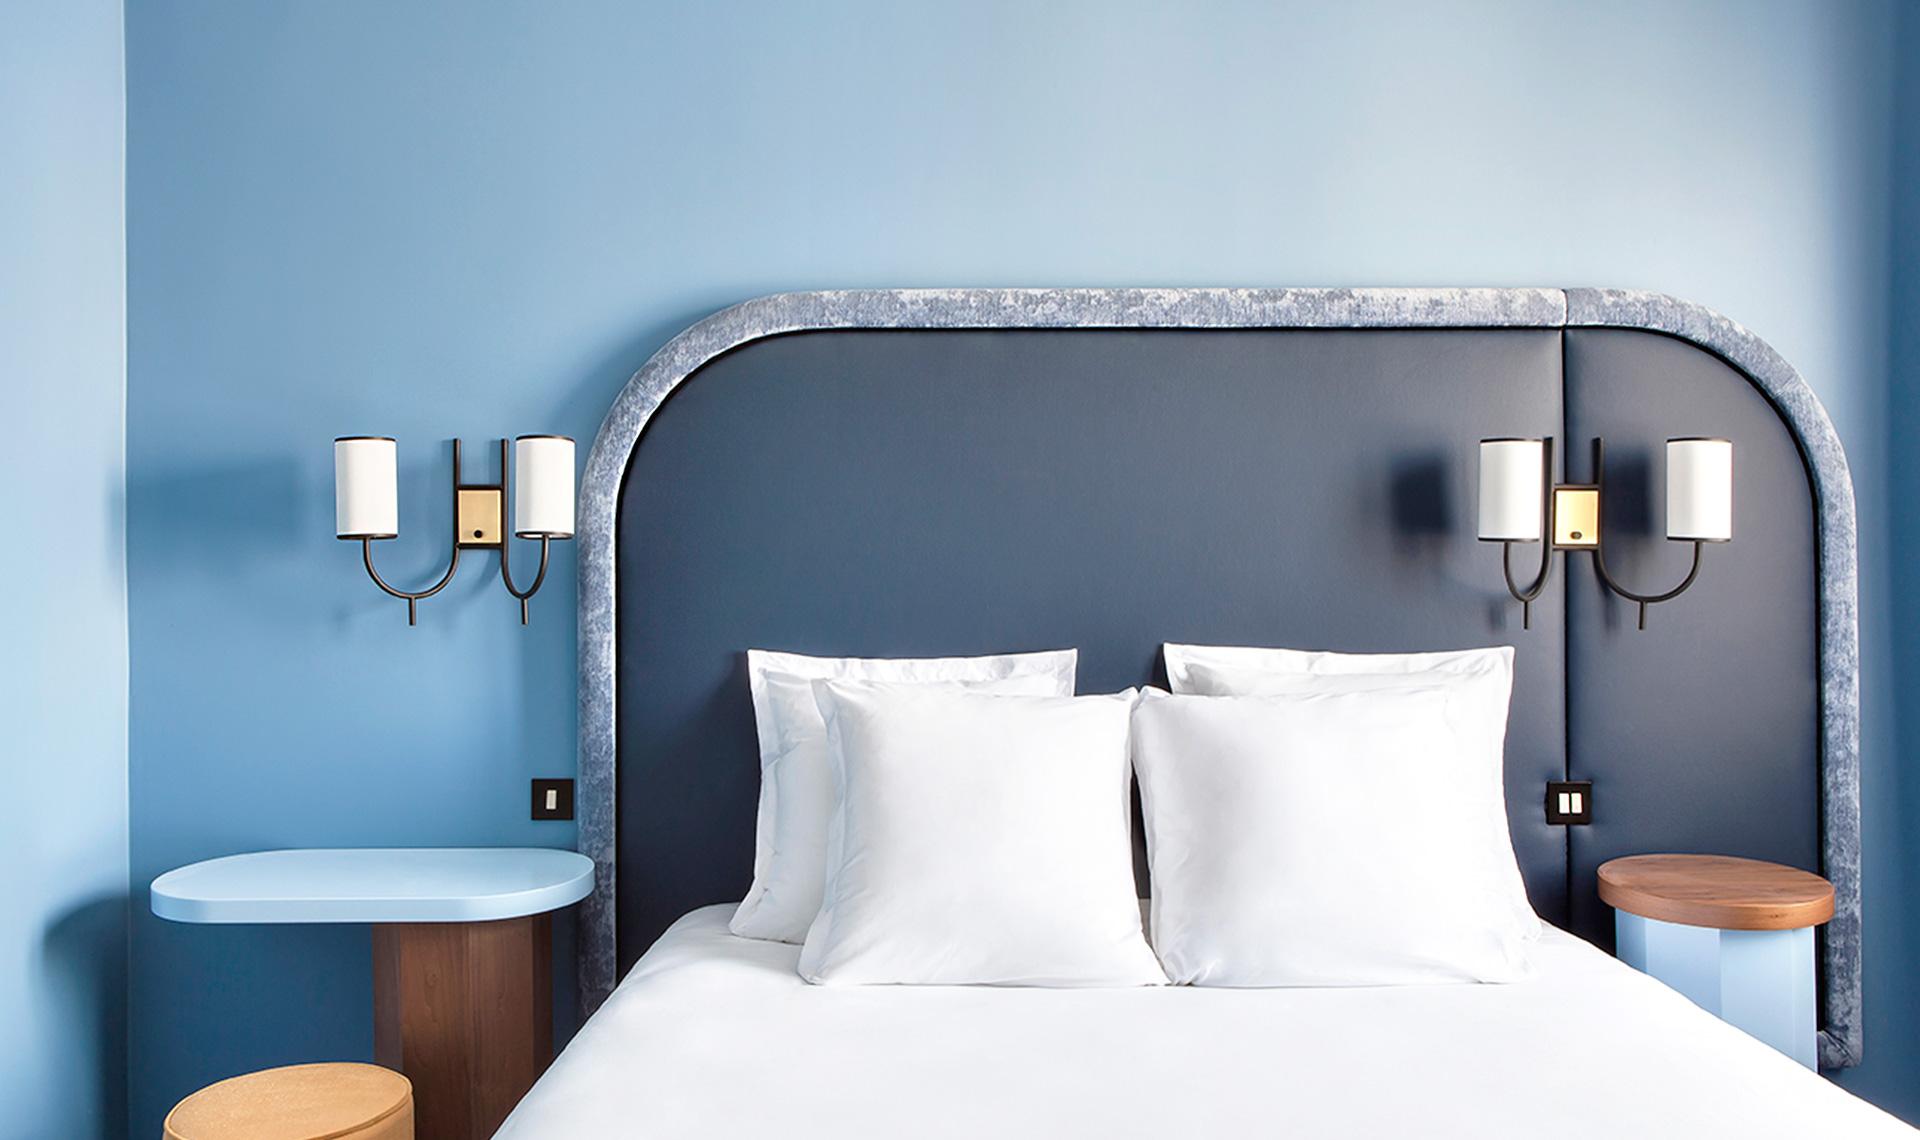 40 спален в голубых тонах: сочетание цветов в интерьере